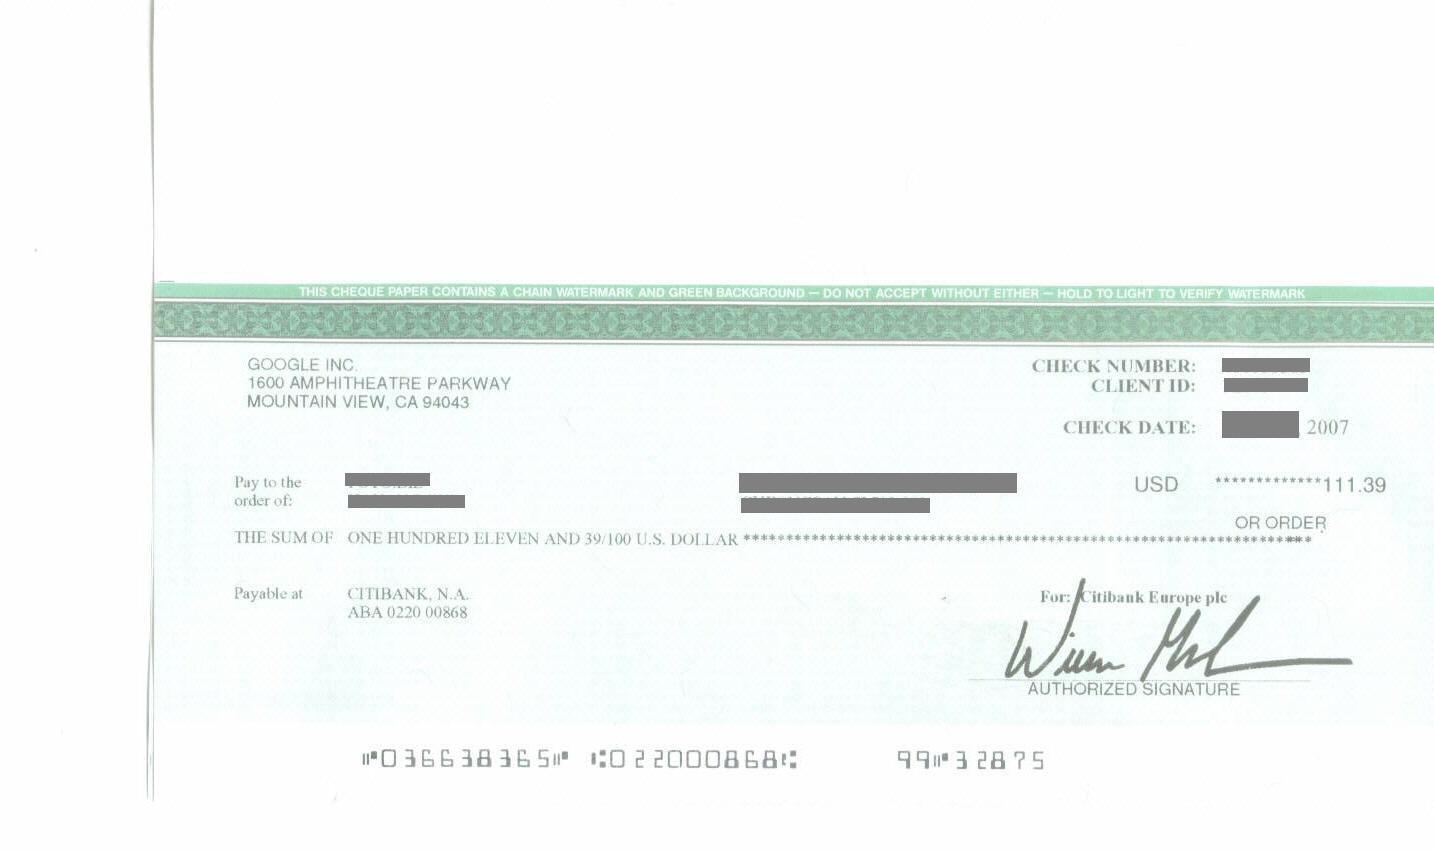 구글 애드센스 100$이상 수표지급 환전은 기업은행으로 최저수수료 5천원.